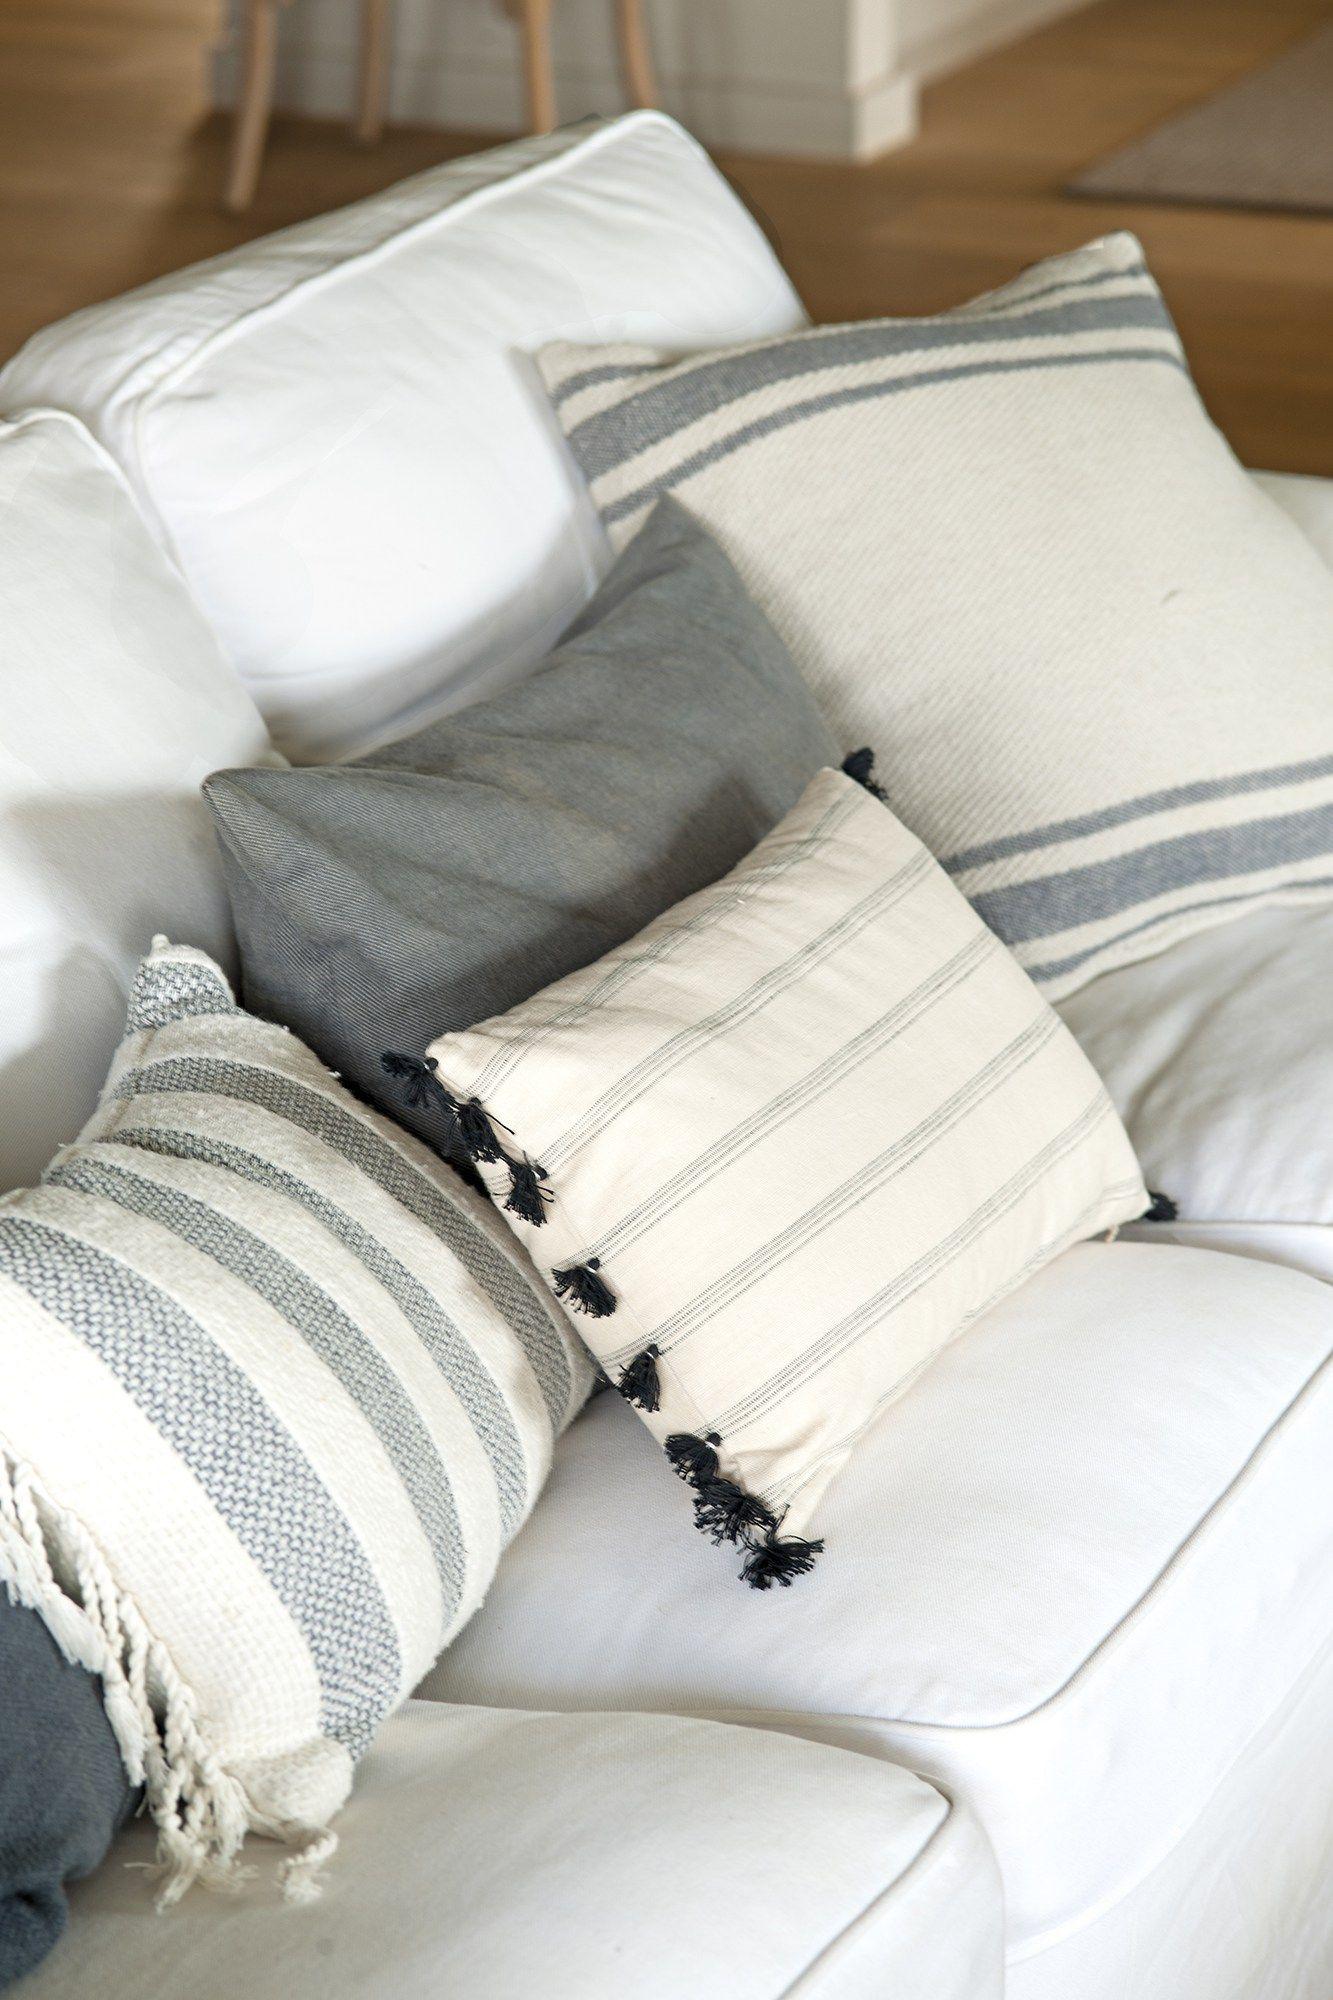 une maison des ann es 50 r nov e en espagne d coration pinterest maison des ann es 50 en. Black Bedroom Furniture Sets. Home Design Ideas